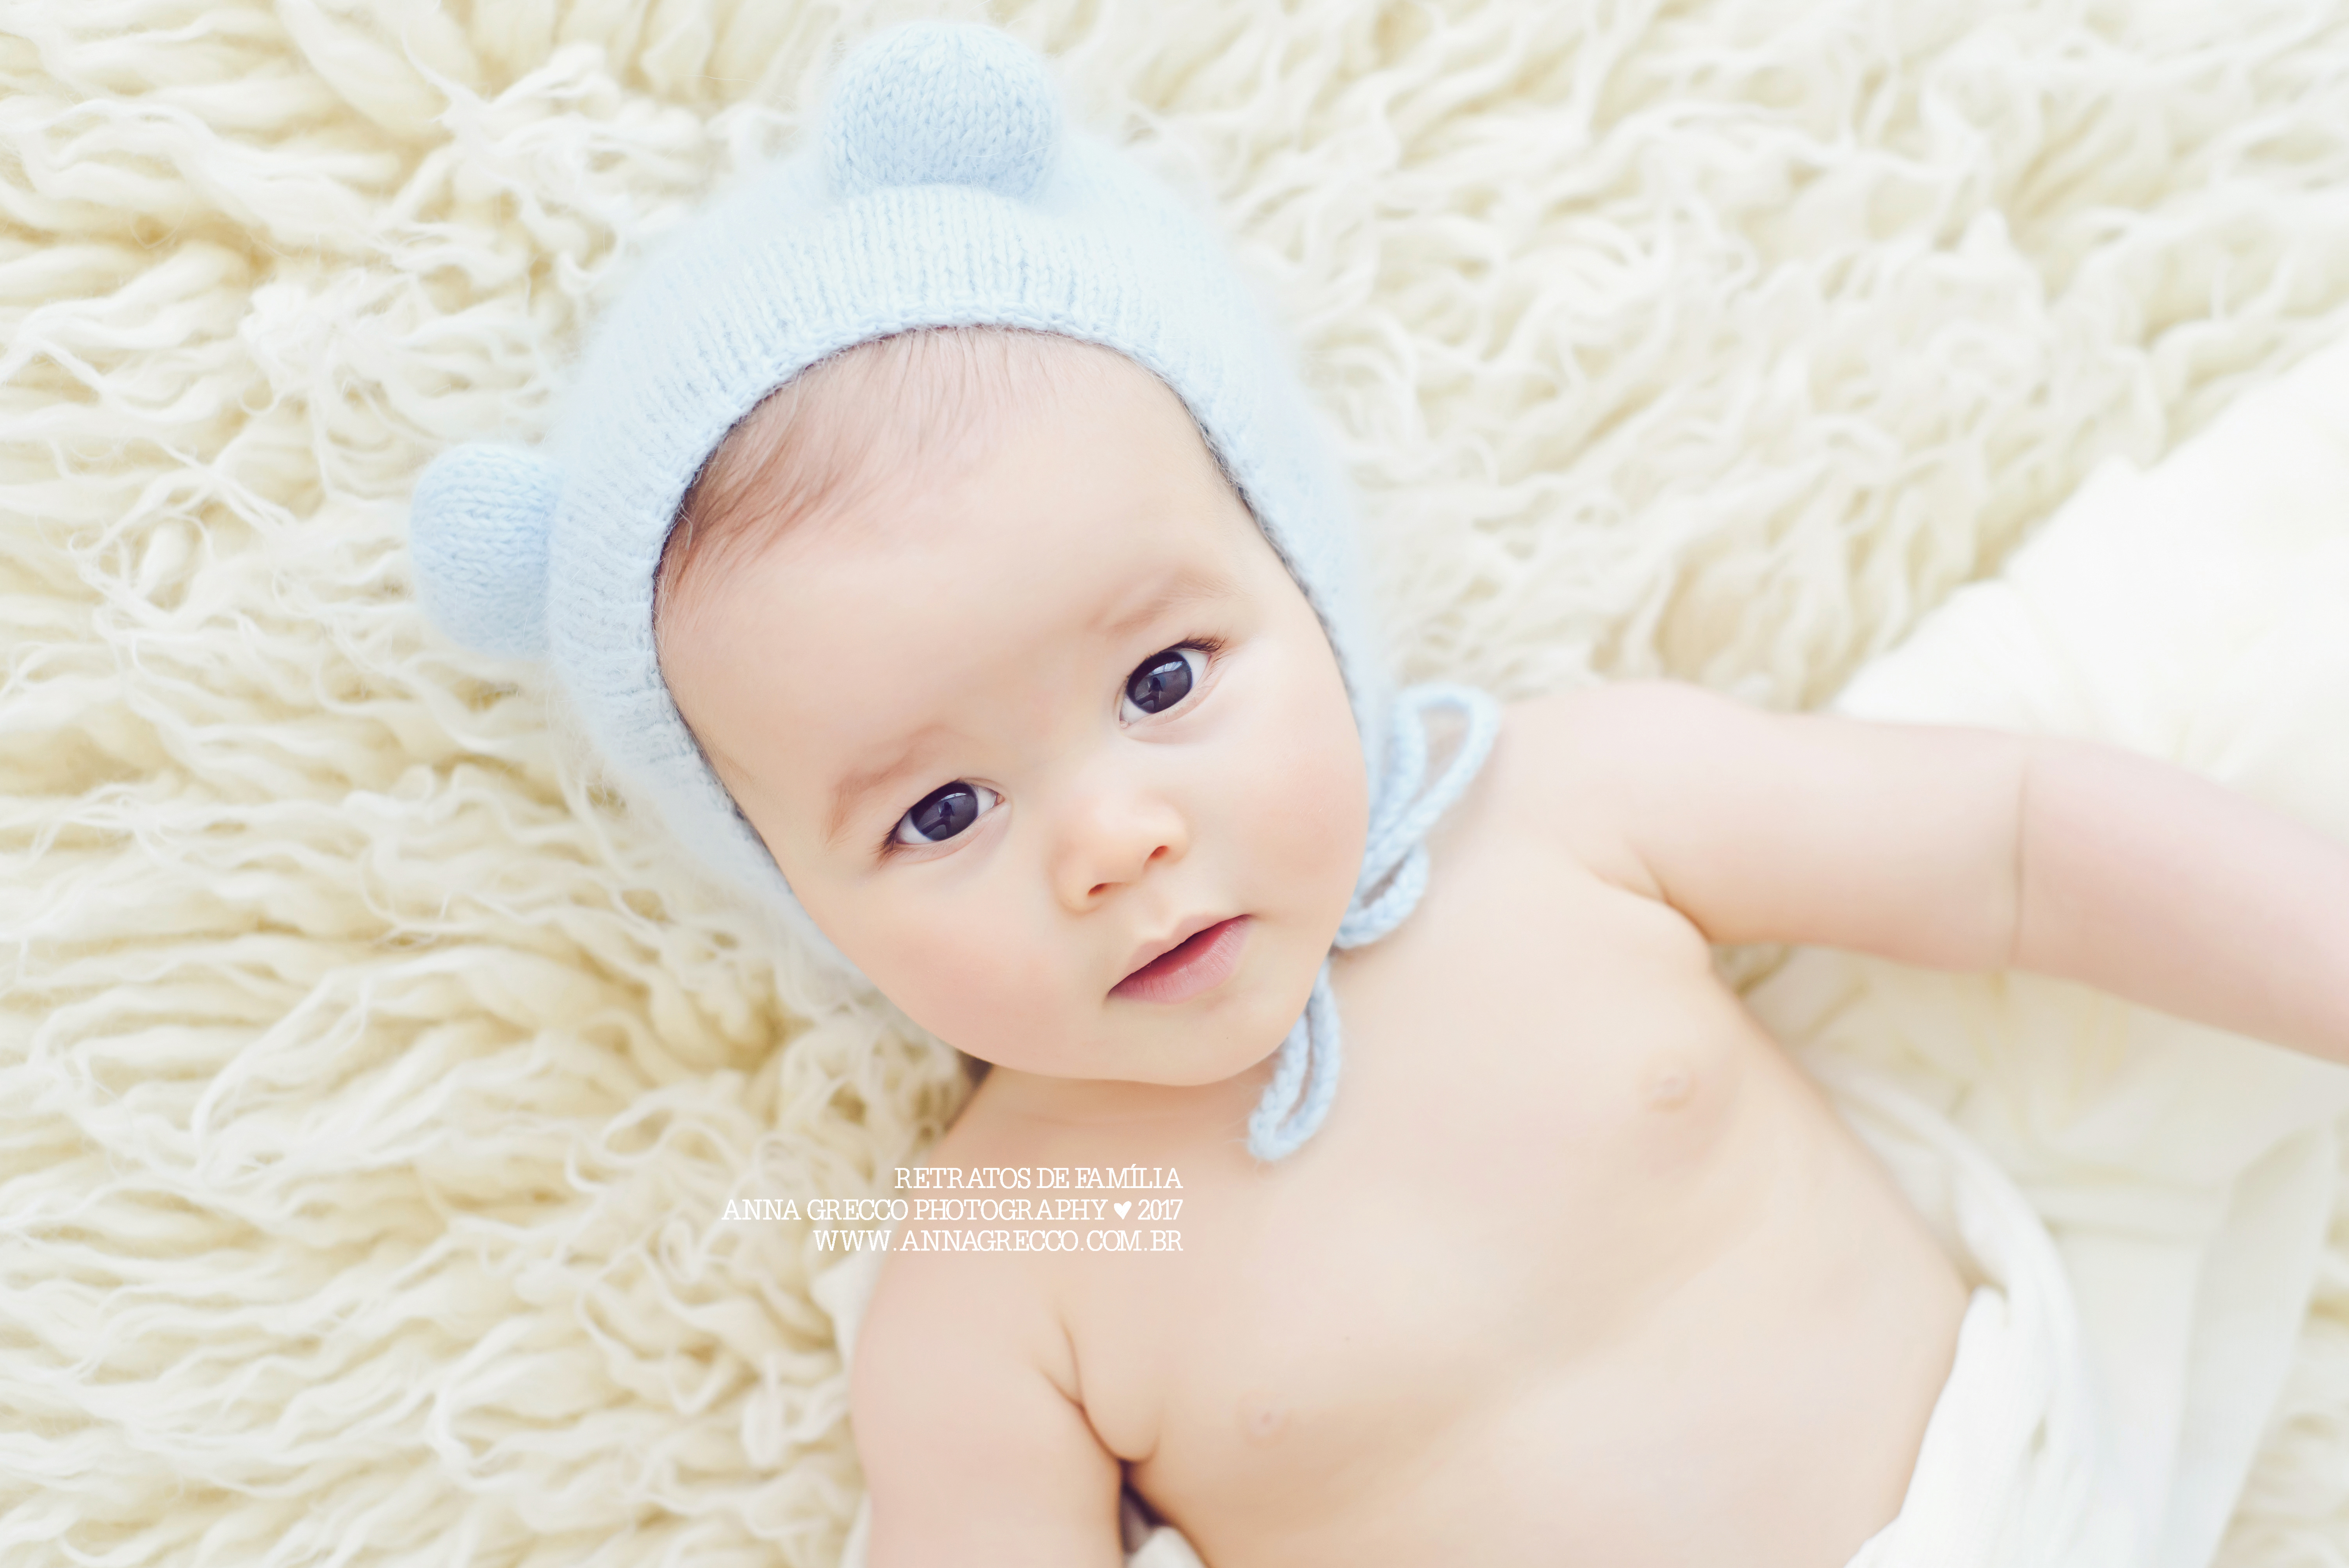 Anna Grecco - Fotos de bebês